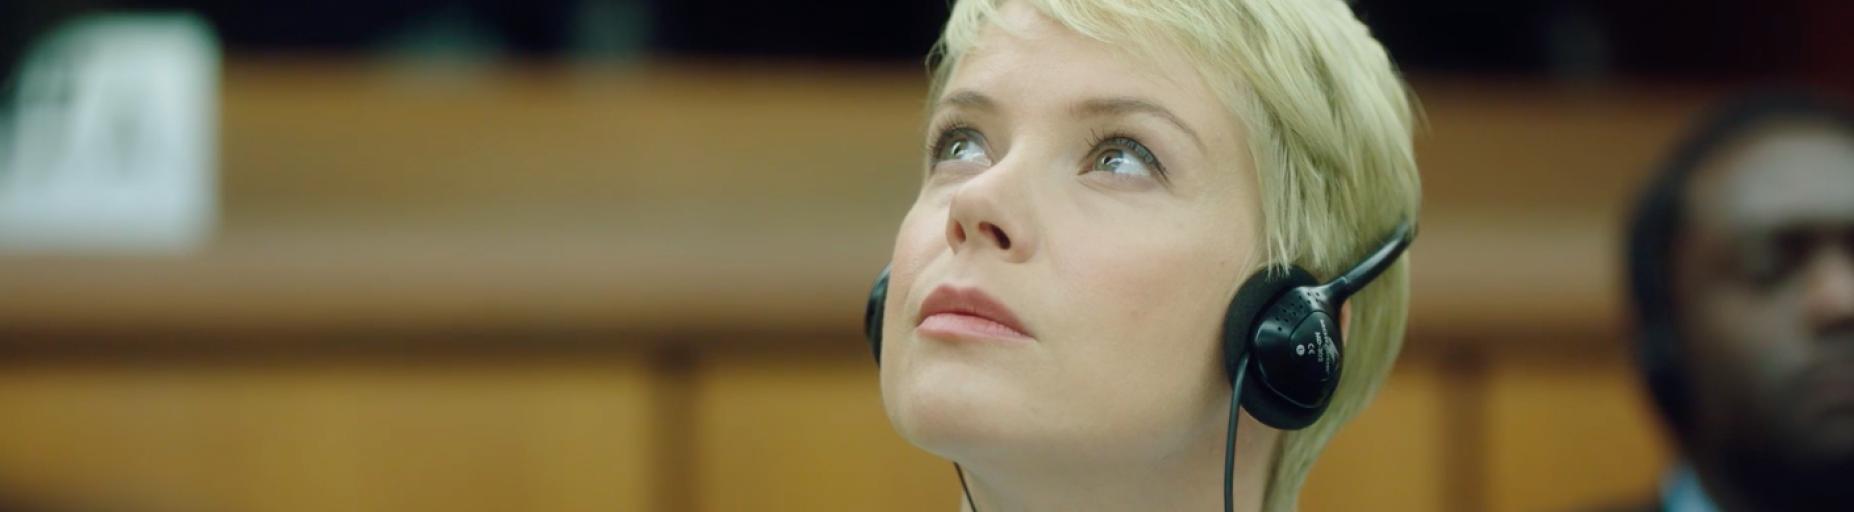 Nézd meg Tóth Barnabás Oscar shortlistes kisfilmjét, a Susotázst!